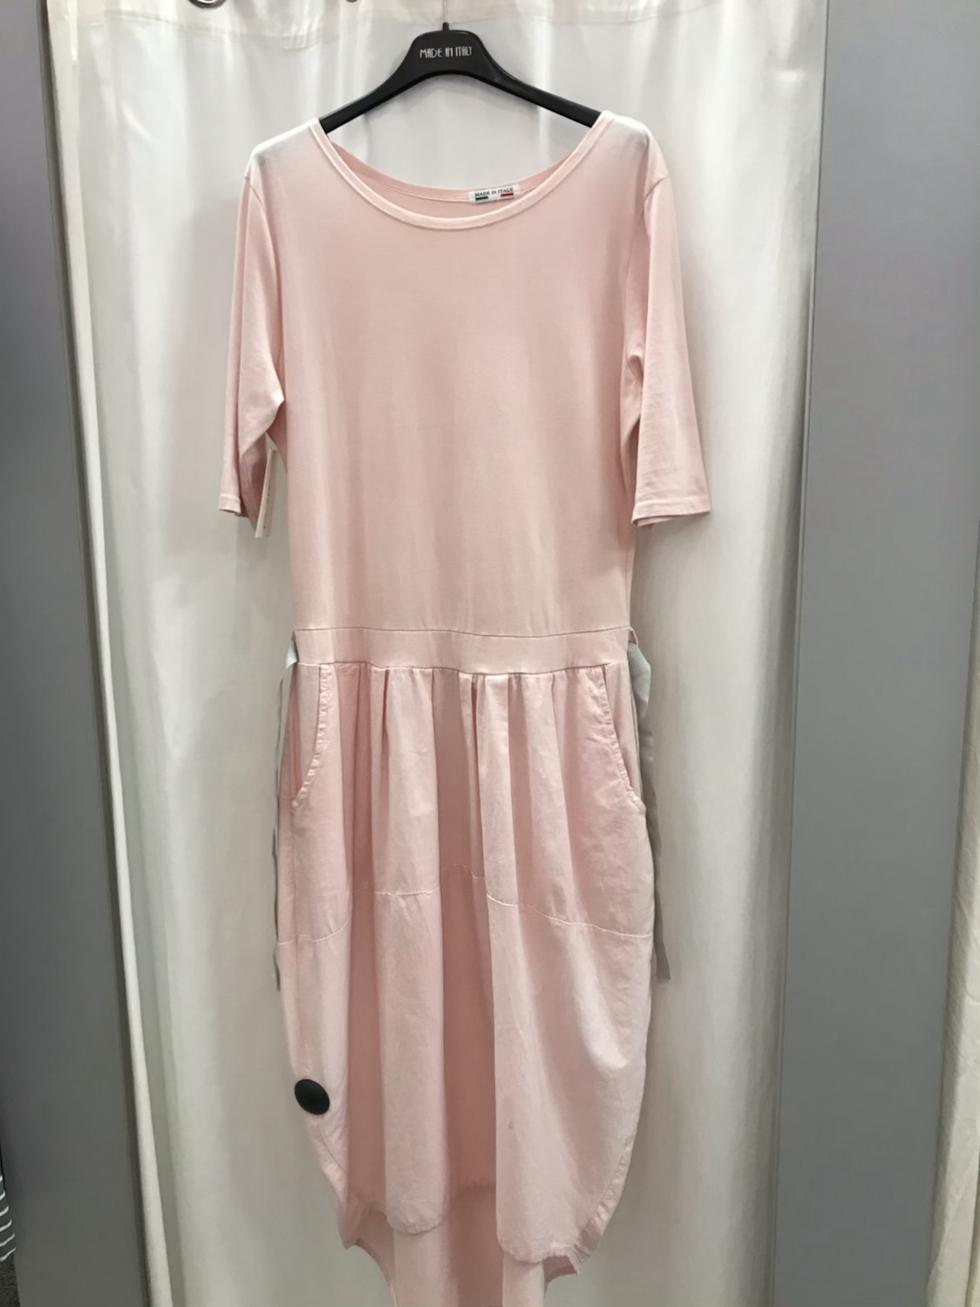 Трикотажное платье с юбкой баллон розовое 11151110